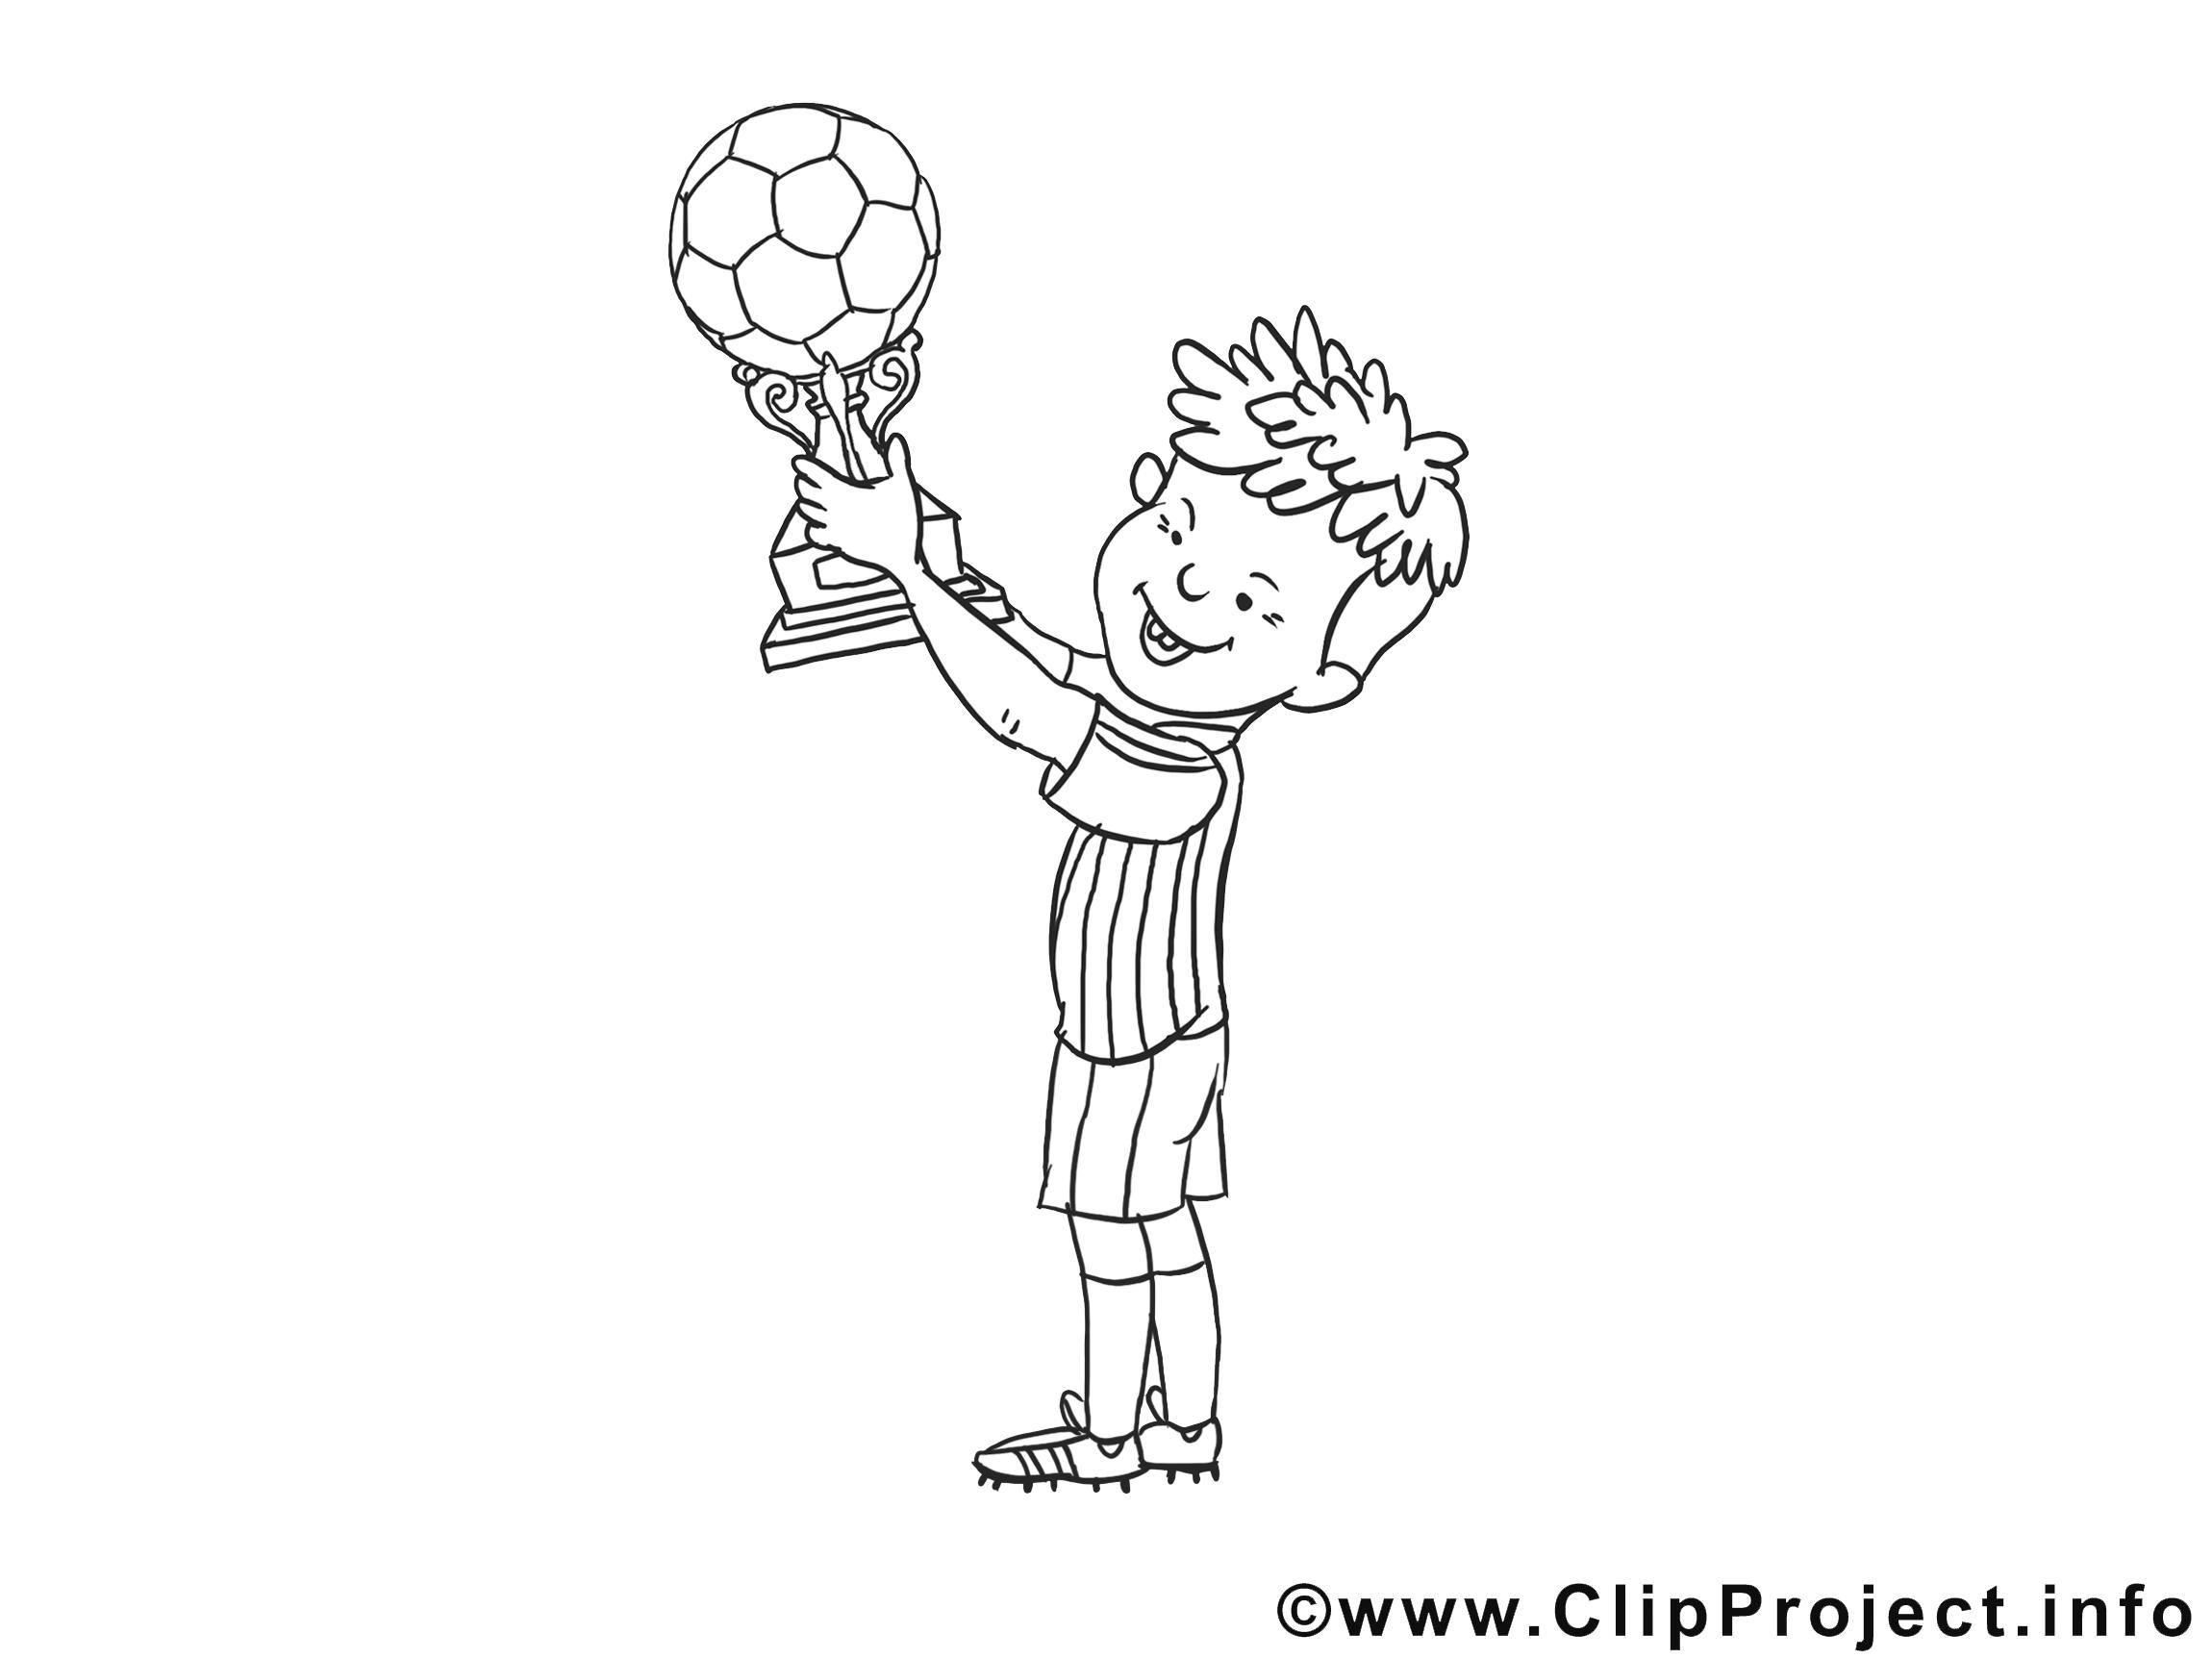 Coupe clipart gratuit png royalty free download Coupe clipart à imprimer dessins gratuits - Divers Pages à ... png royalty free download